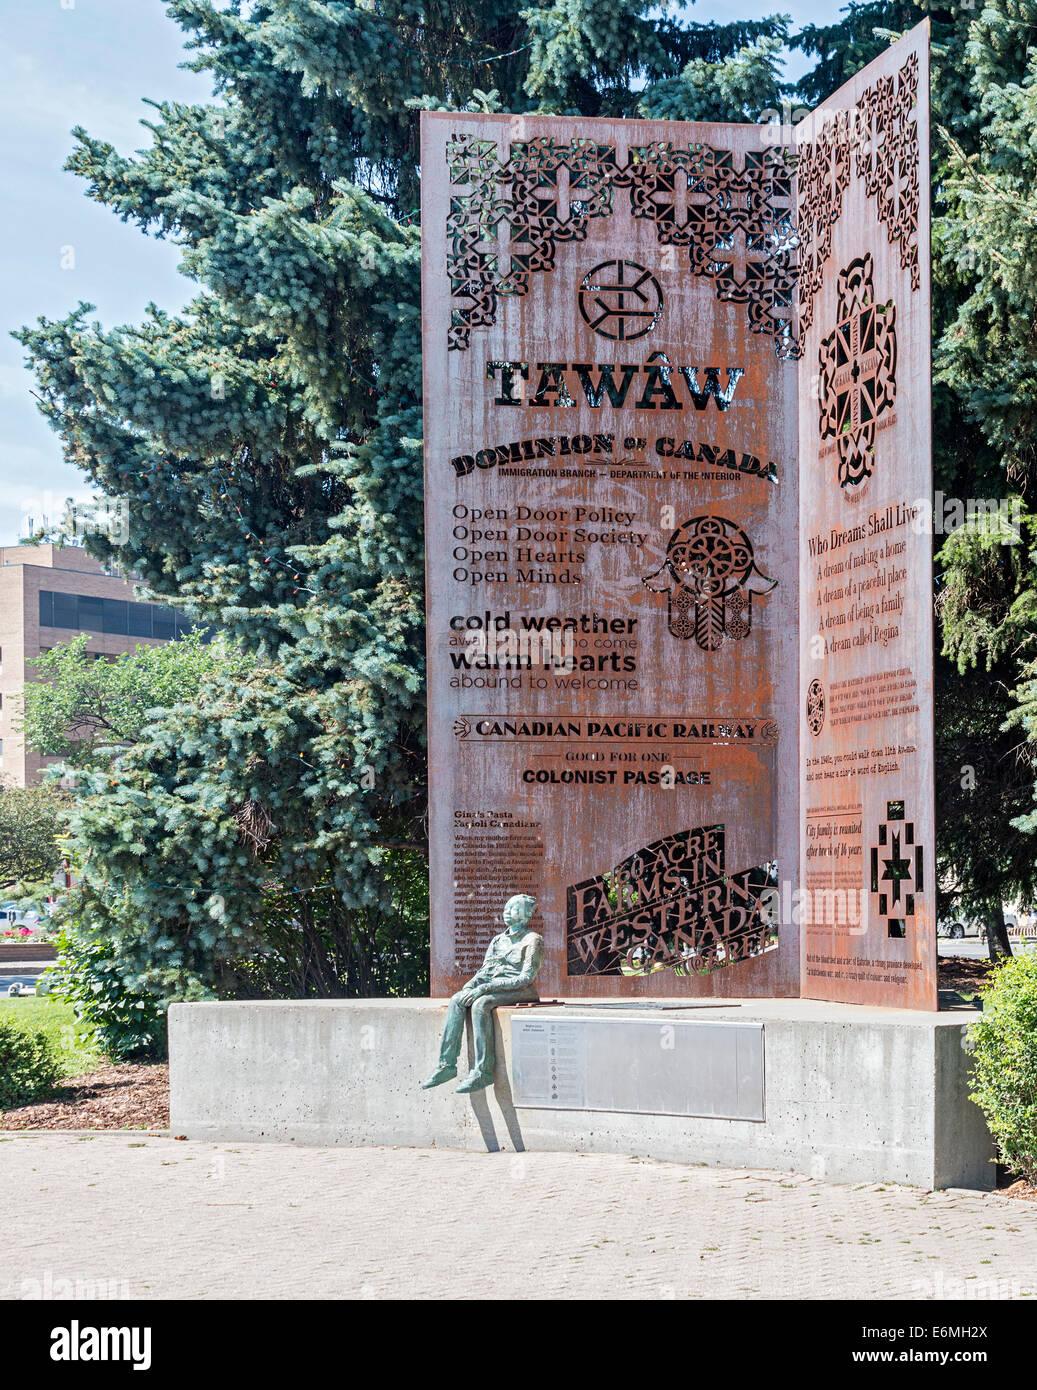 Una de las dos obras de escultura reconociendo a los inmigrantes que han venido a Canadá, en frente de la ciudad Foto de stock